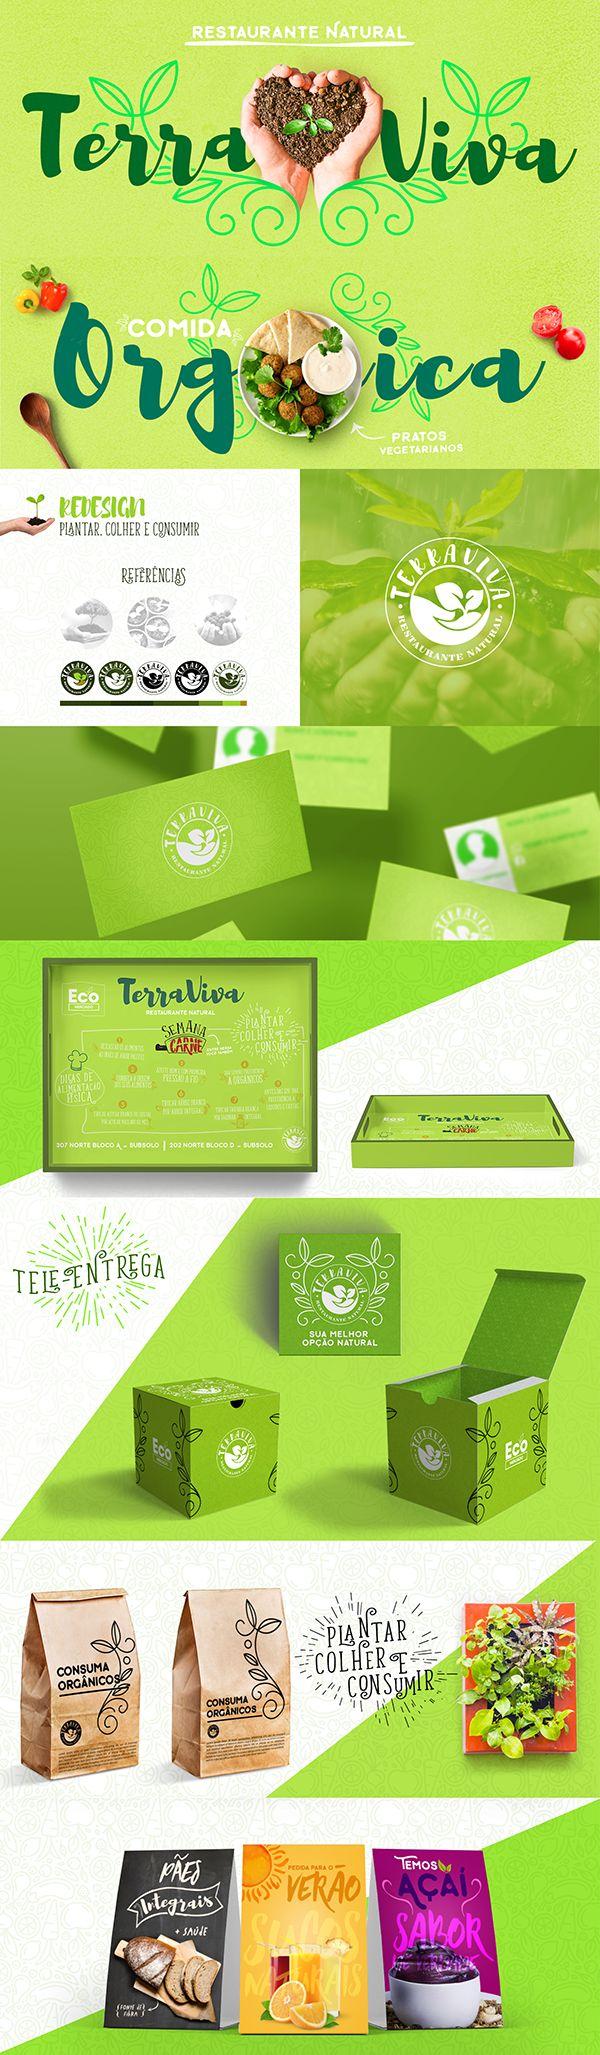 TerraViva - Restaurante Natural on Behance